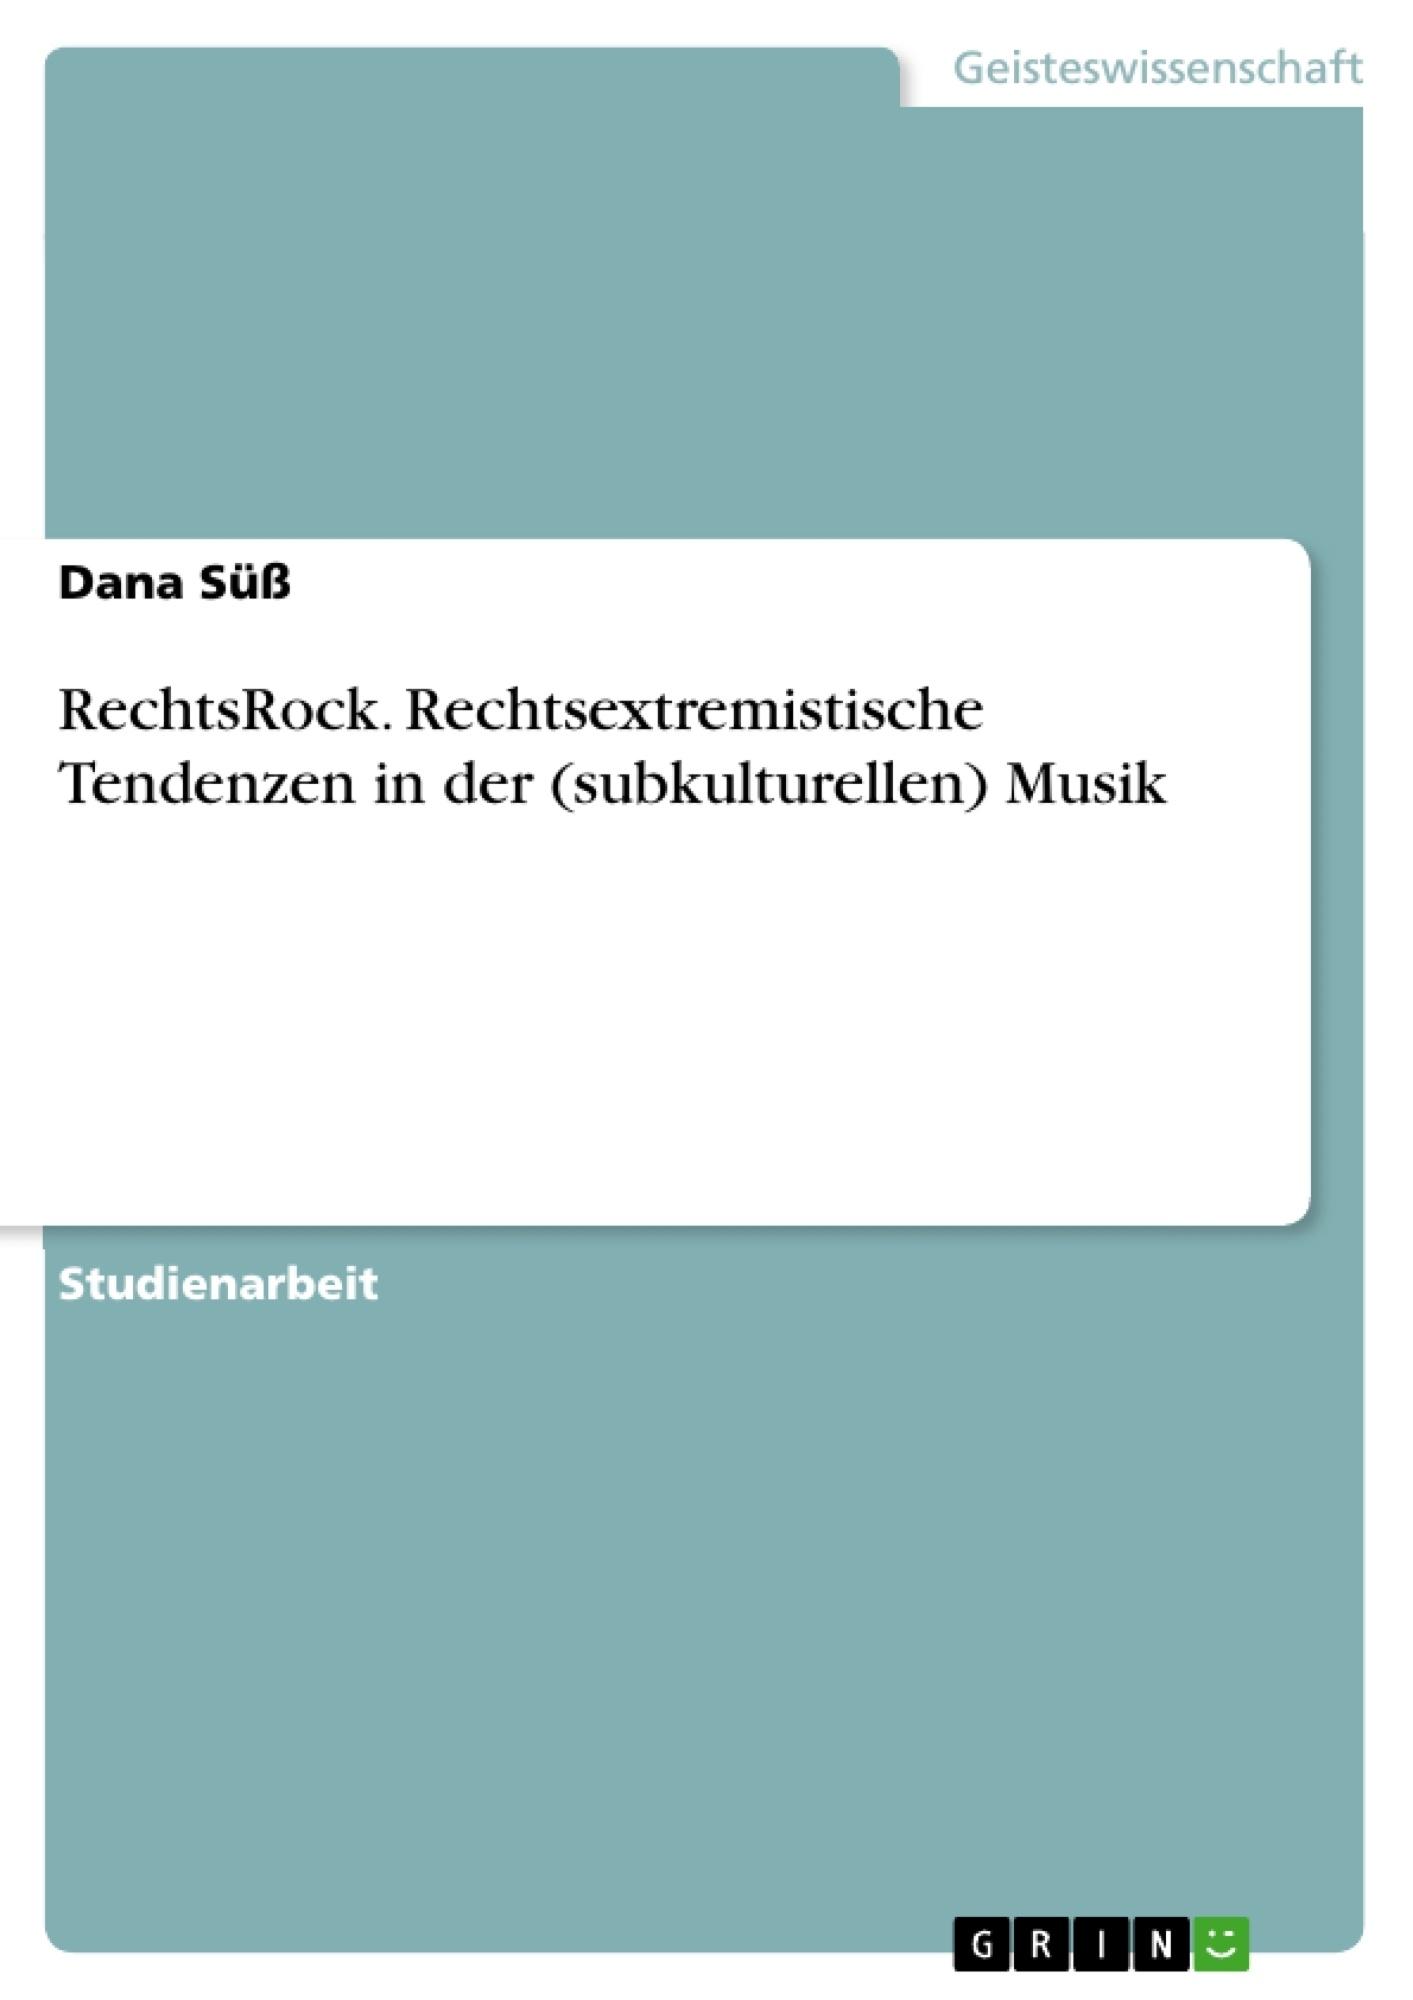 Titel: RechtsRock. Rechtsextremistische Tendenzen in der (subkulturellen) Musik